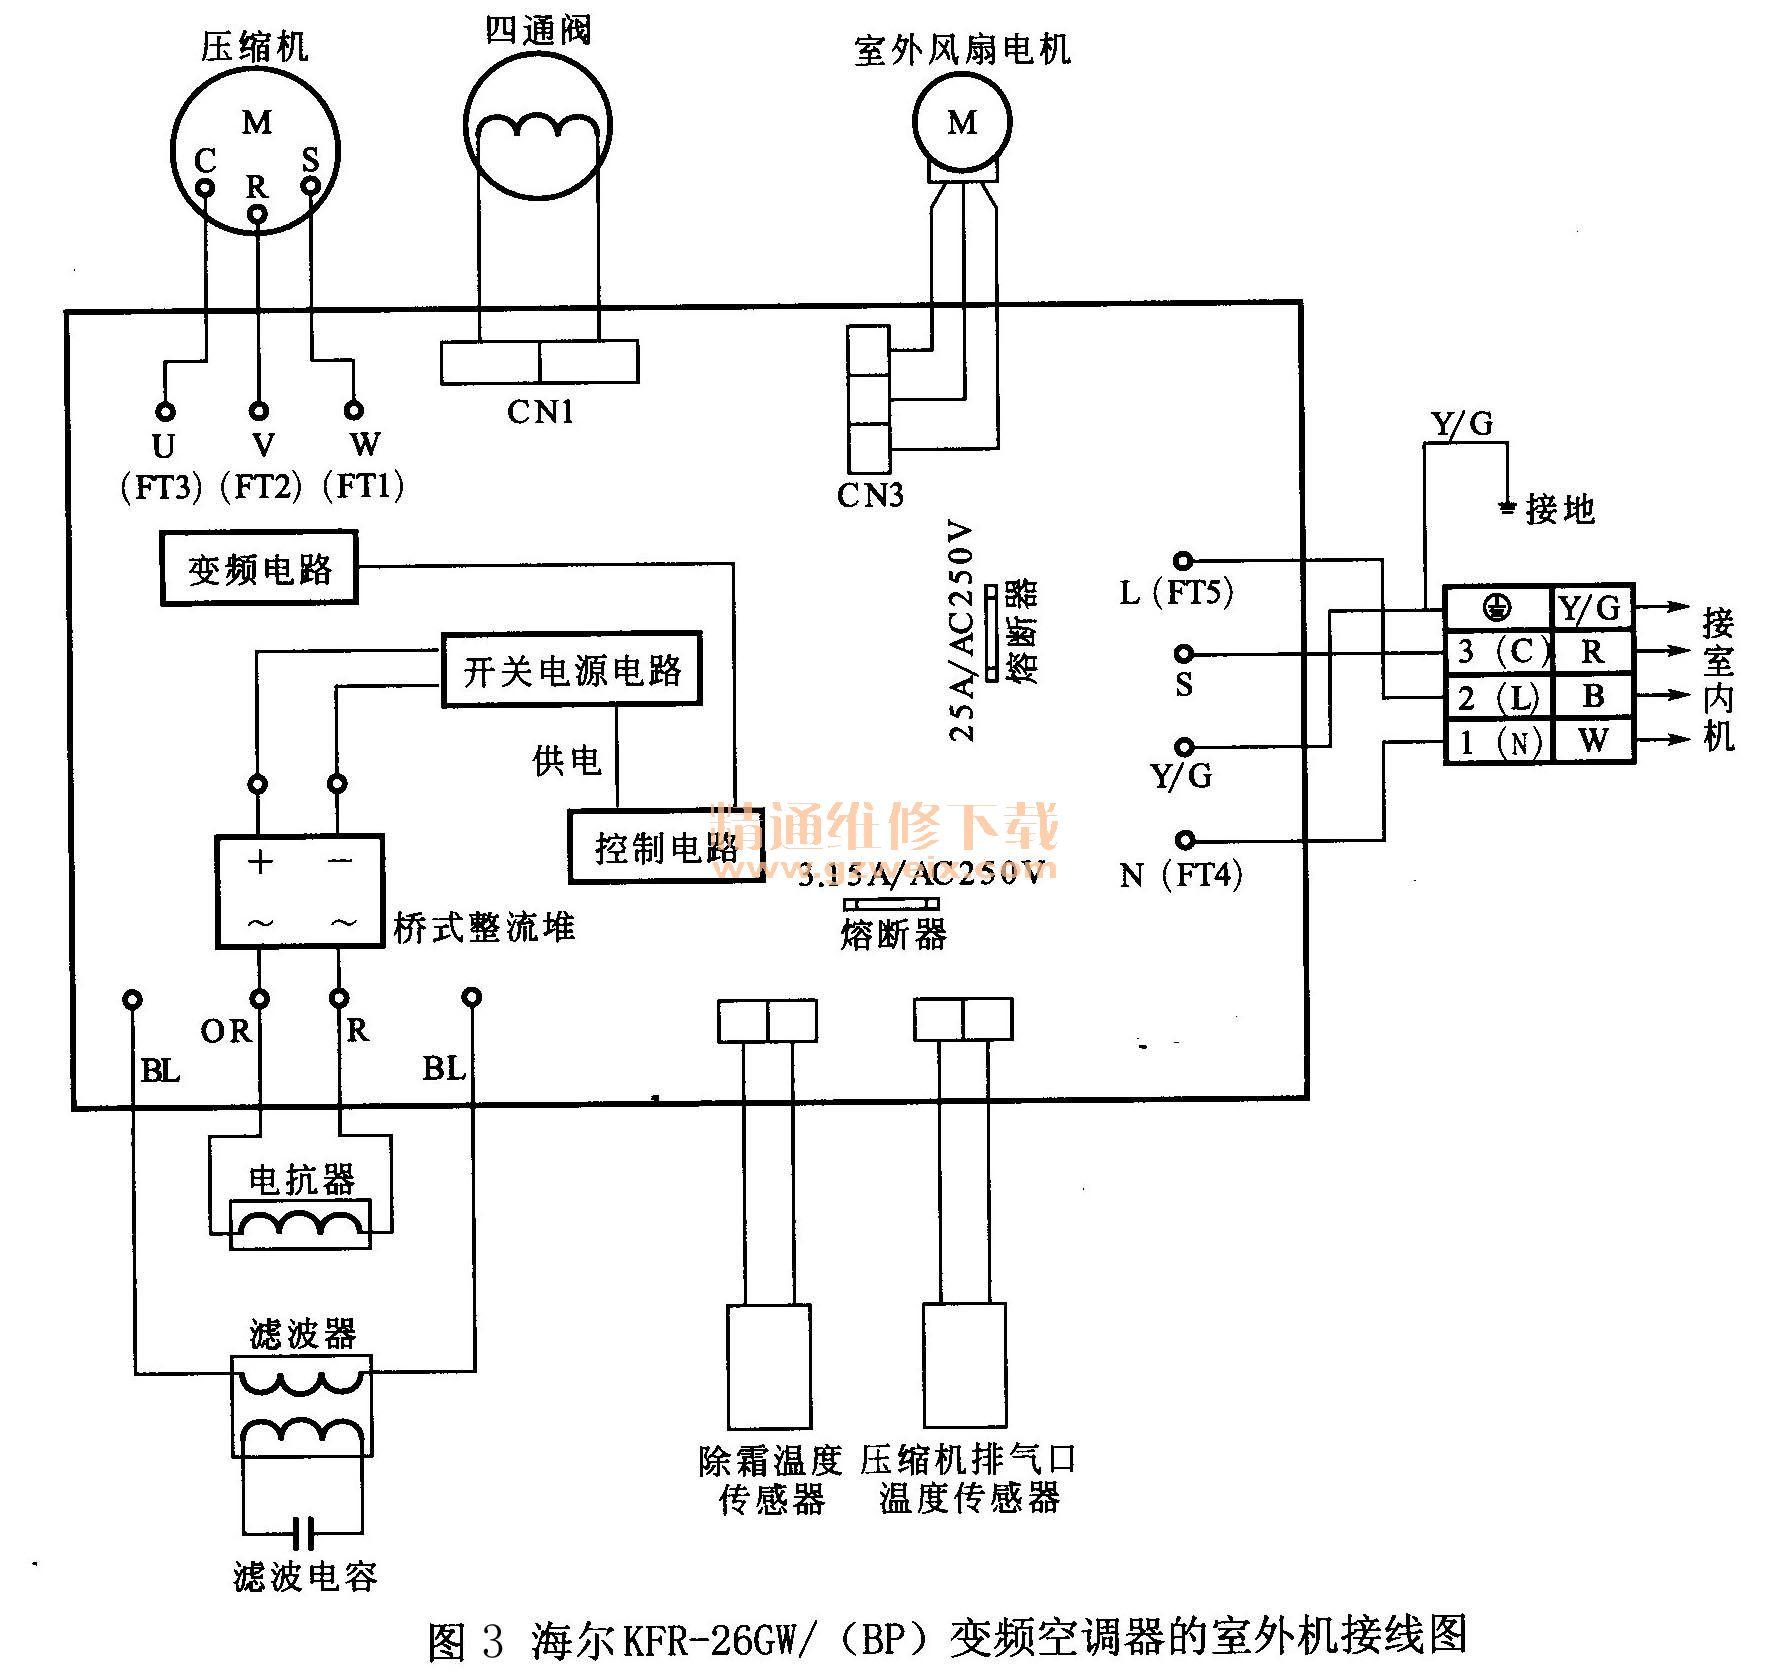 如图3所示为海尔kfr-26gw/(bp)变频空调器的室外机接线图.